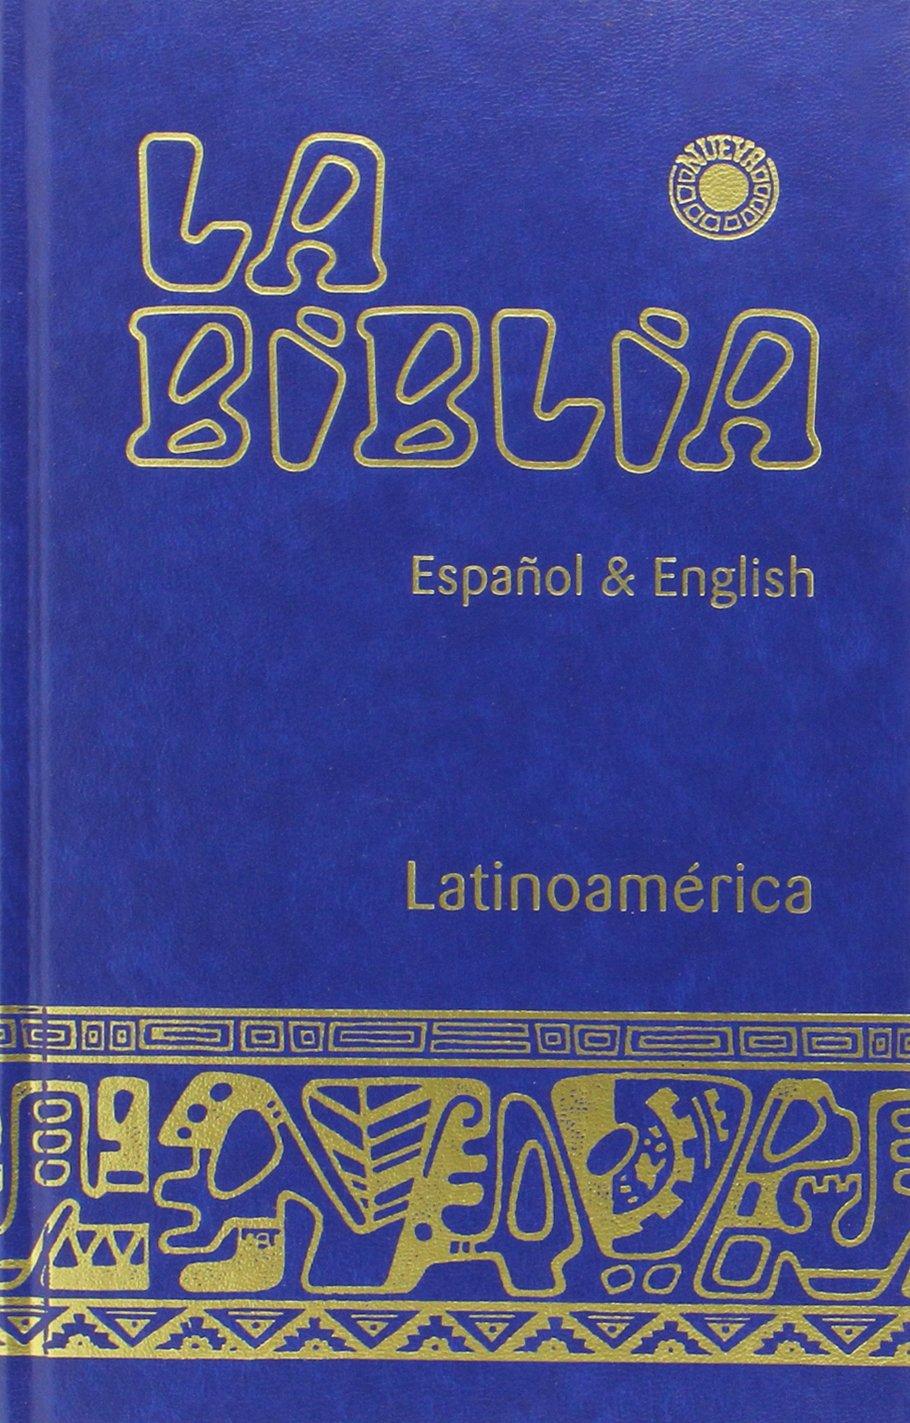 La biblia latinoamérica bilingüe - edición cartoné: Español ...